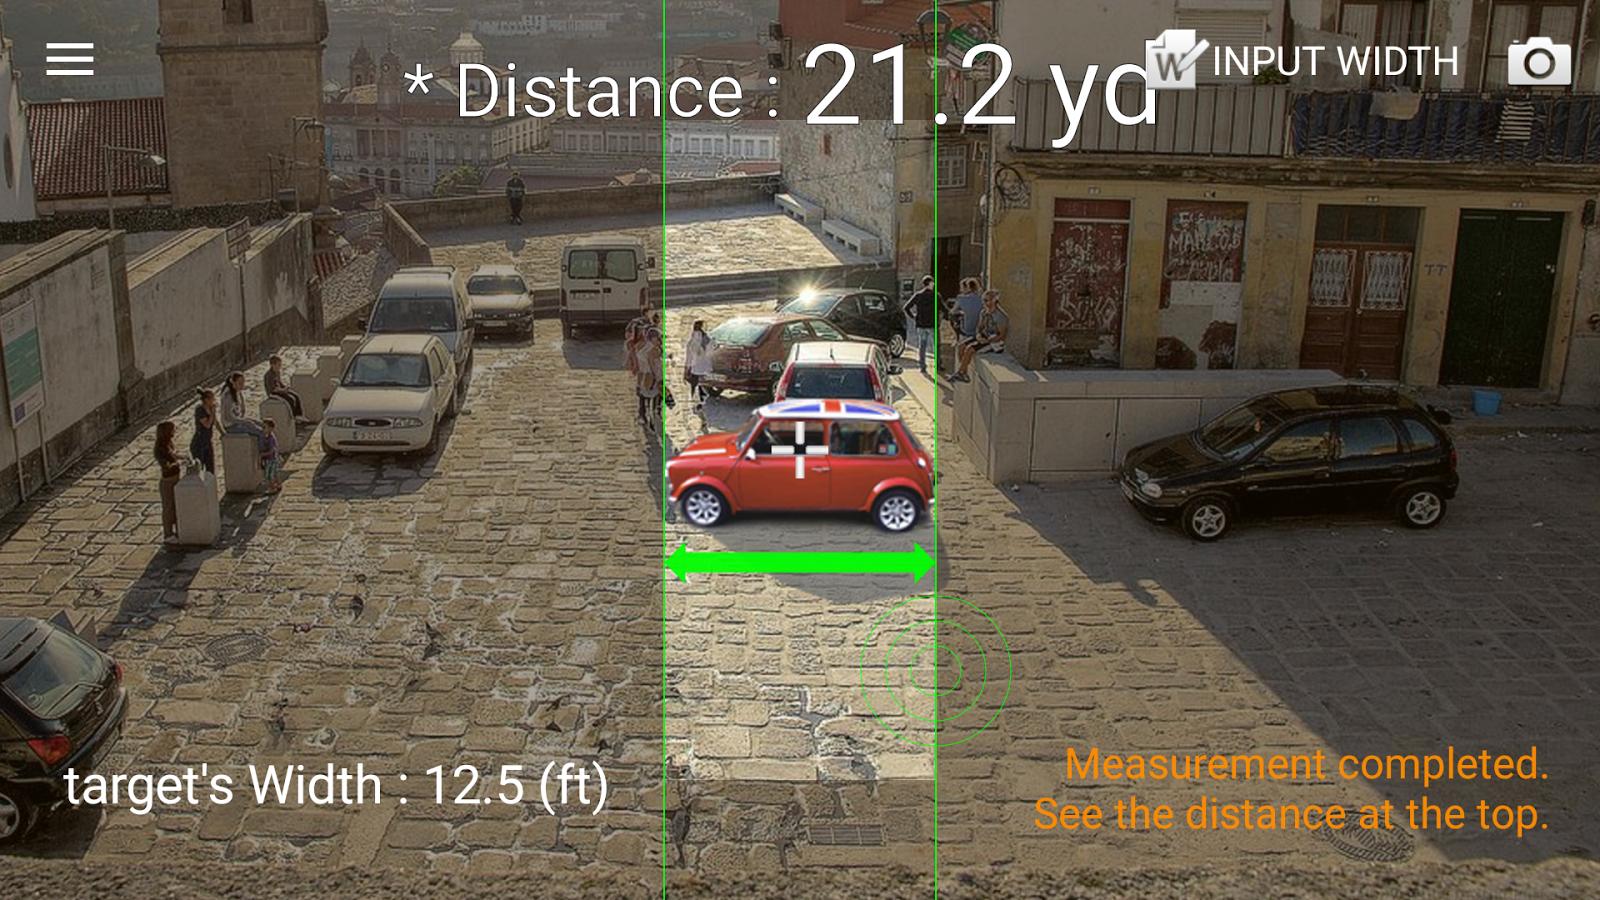 Entfernungsmesser Für Android : Entfernung smart distance app android kostenloser download